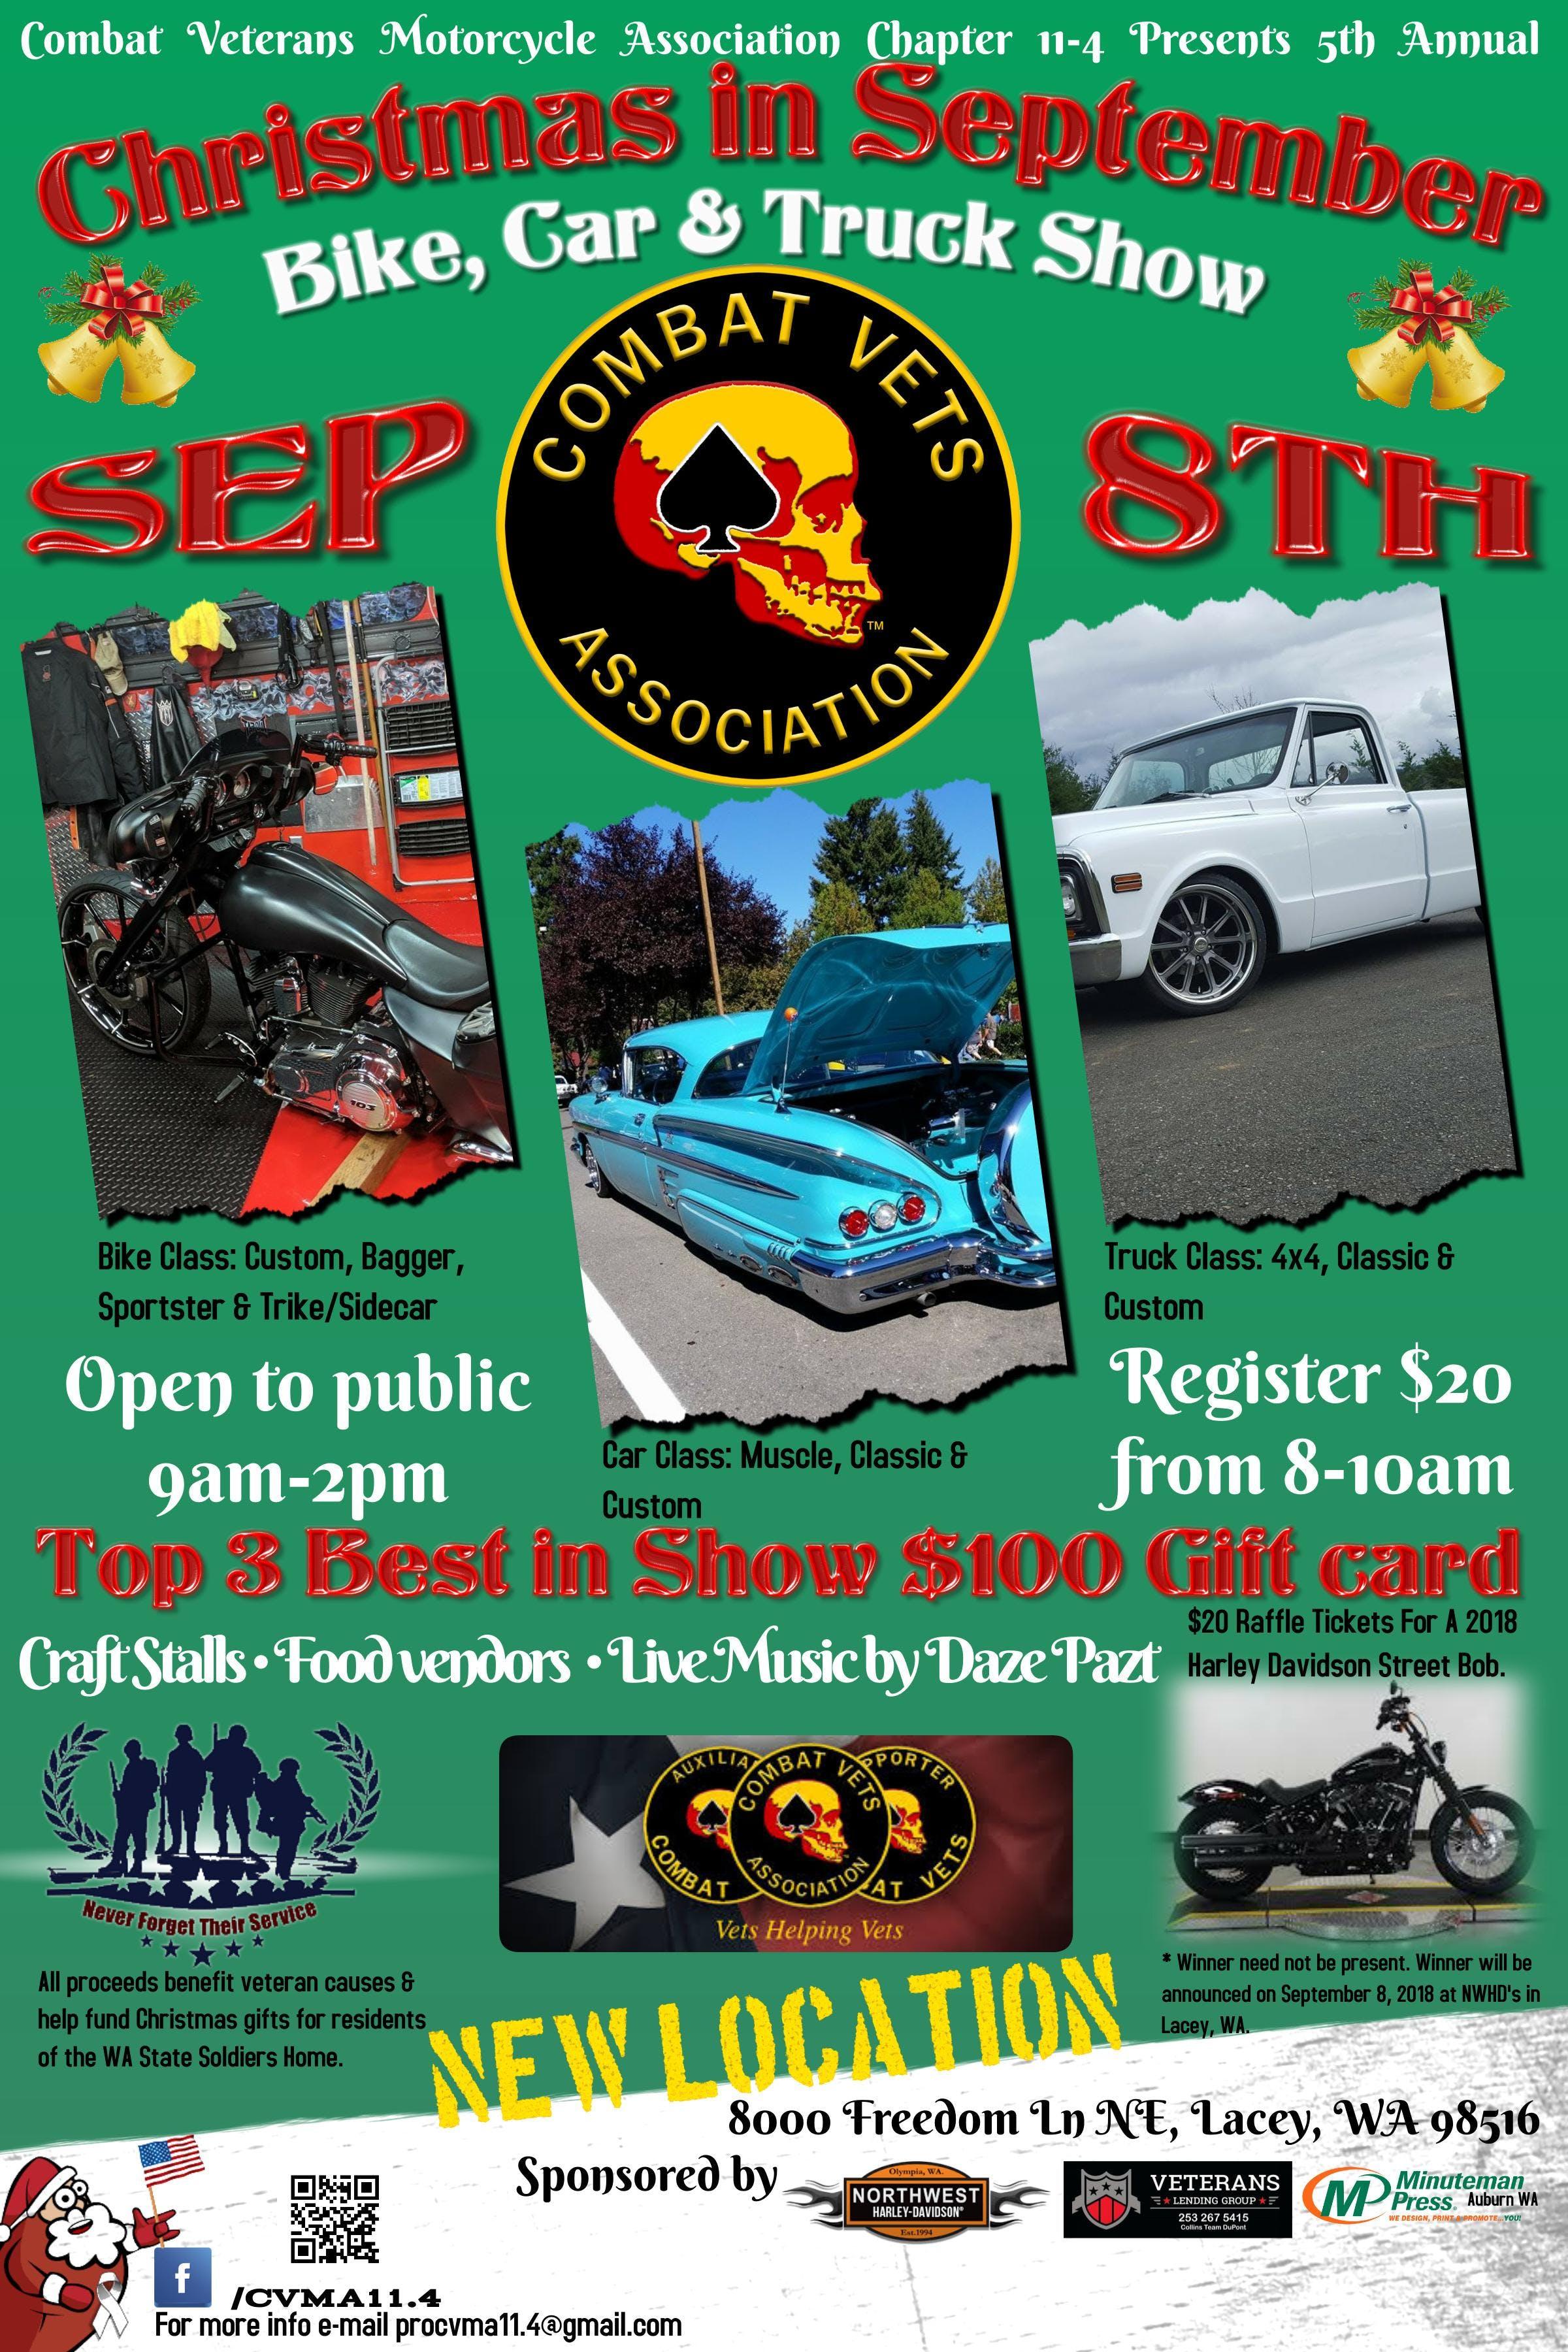 8000 Freedom Ln NE : Christmas In September Bike, Car